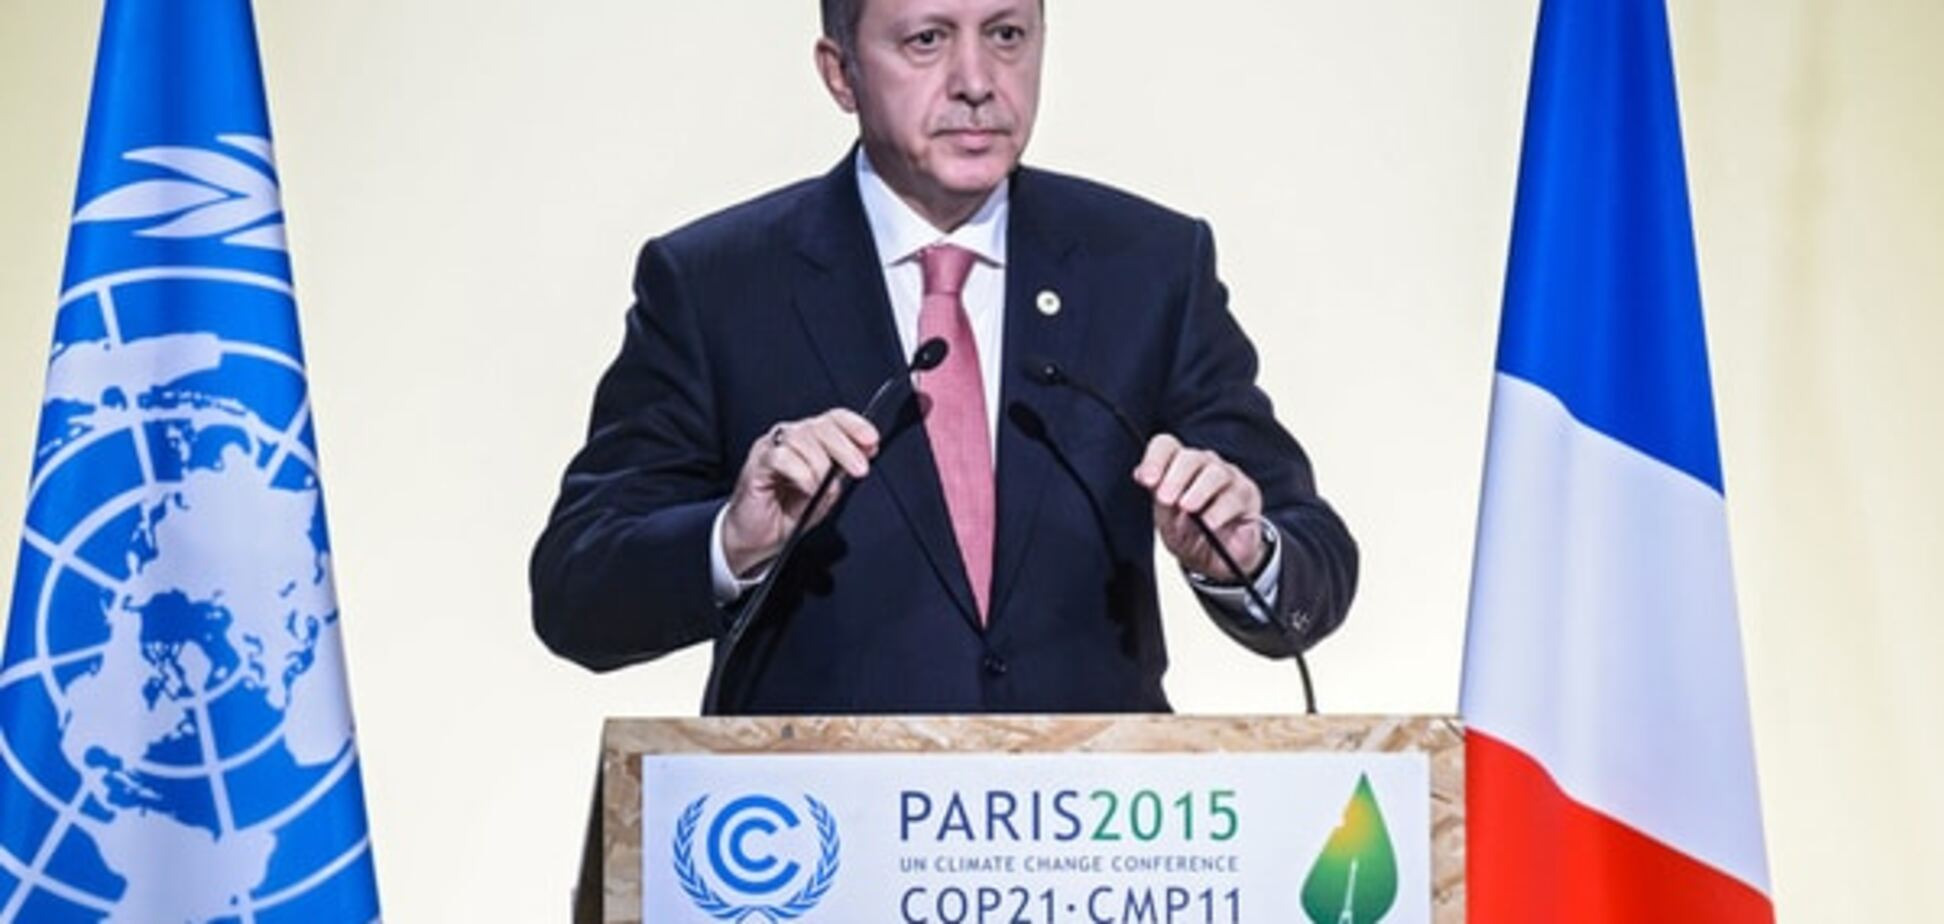 Эрдоган уйдет в отставку, если обвинения России подтвердятся